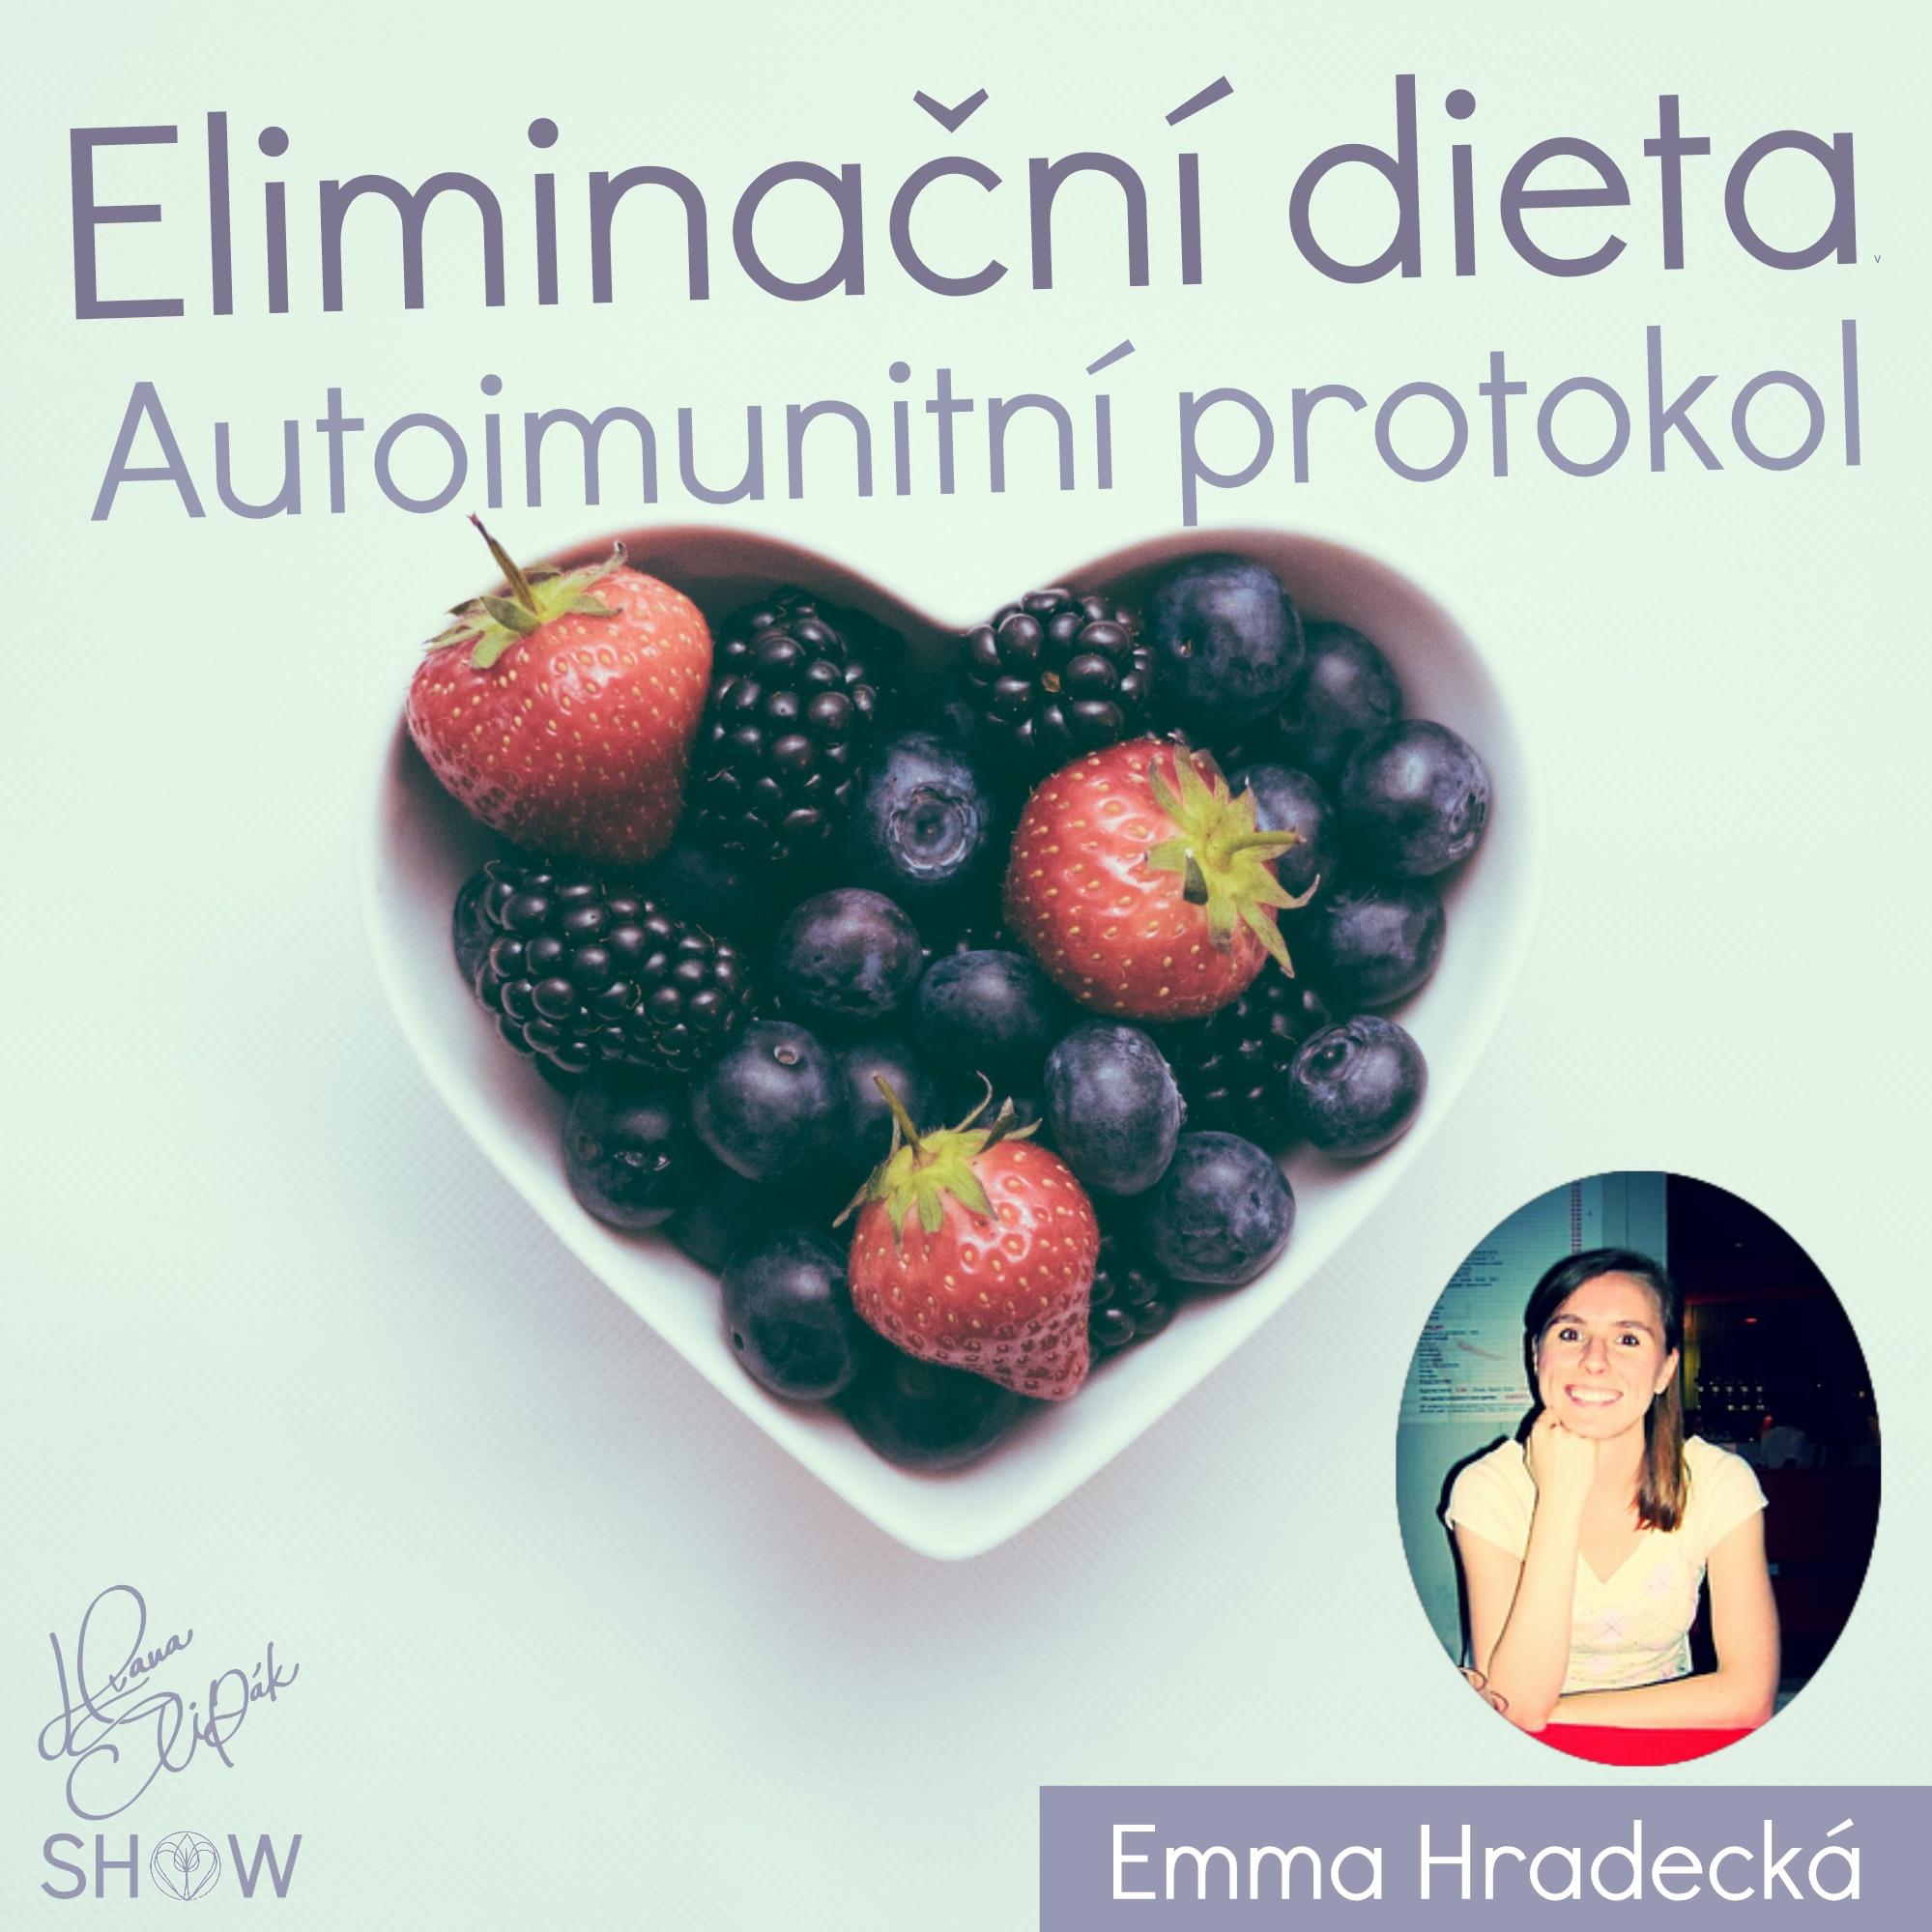 56 Eliminační dieta autoimunitní protokol - Emma Hradecká ae1141a010